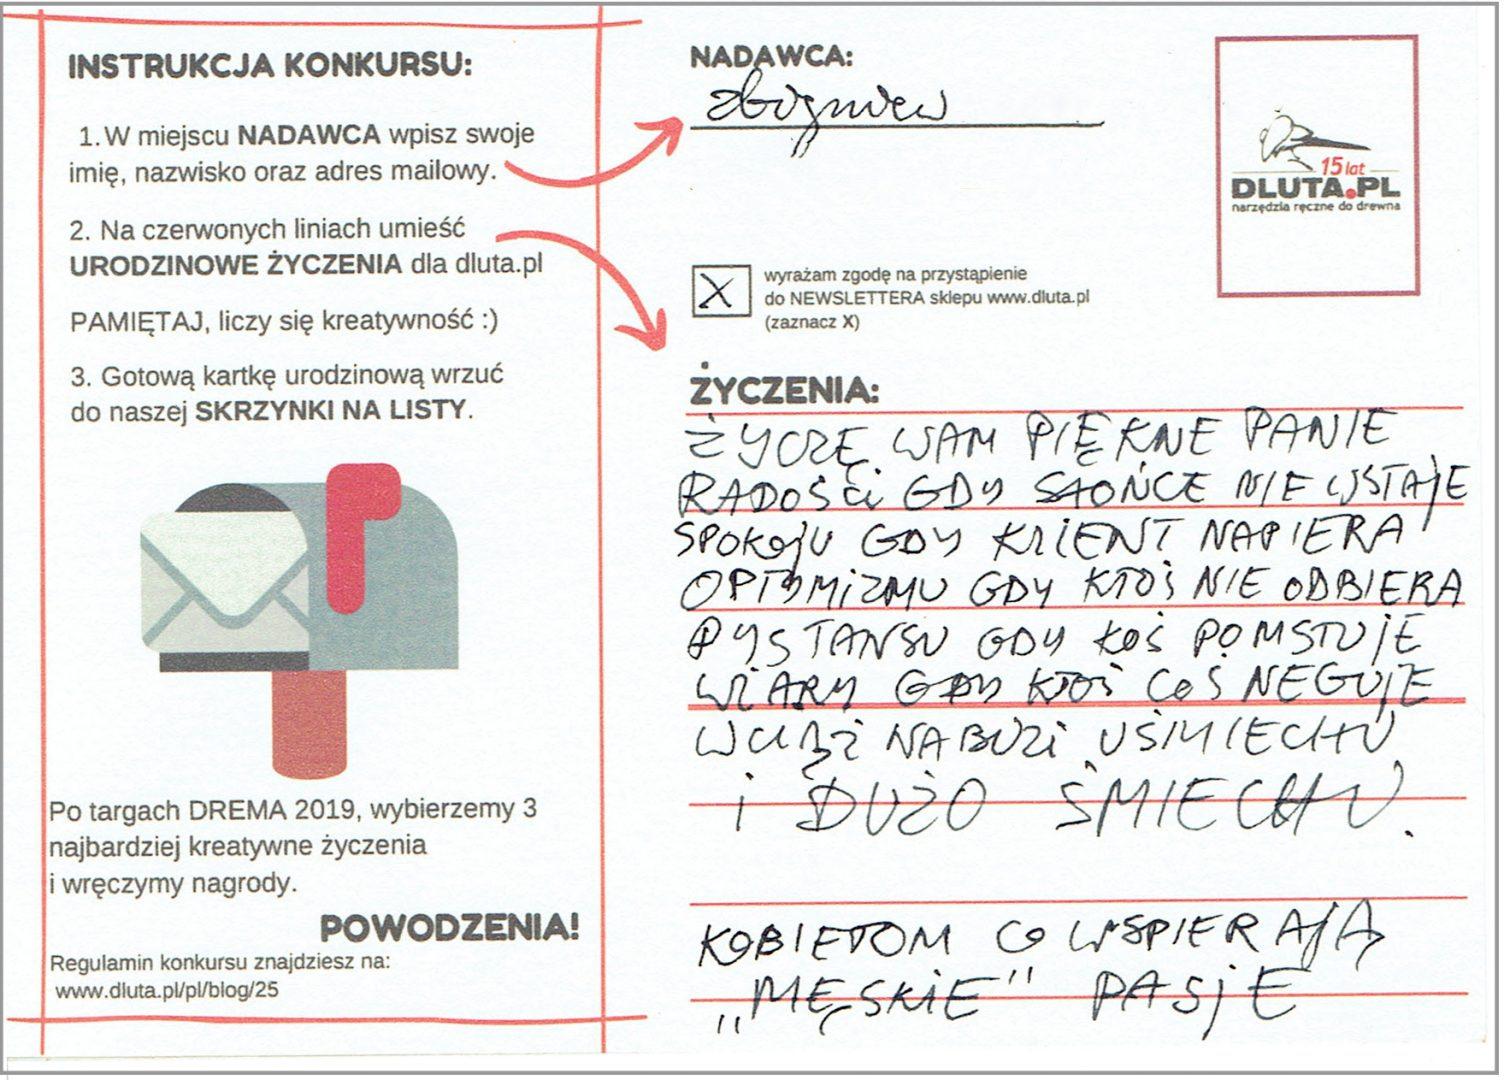 dlutapl-targi-drema2019-konkurs-urodzinowy-mijesce-drugie